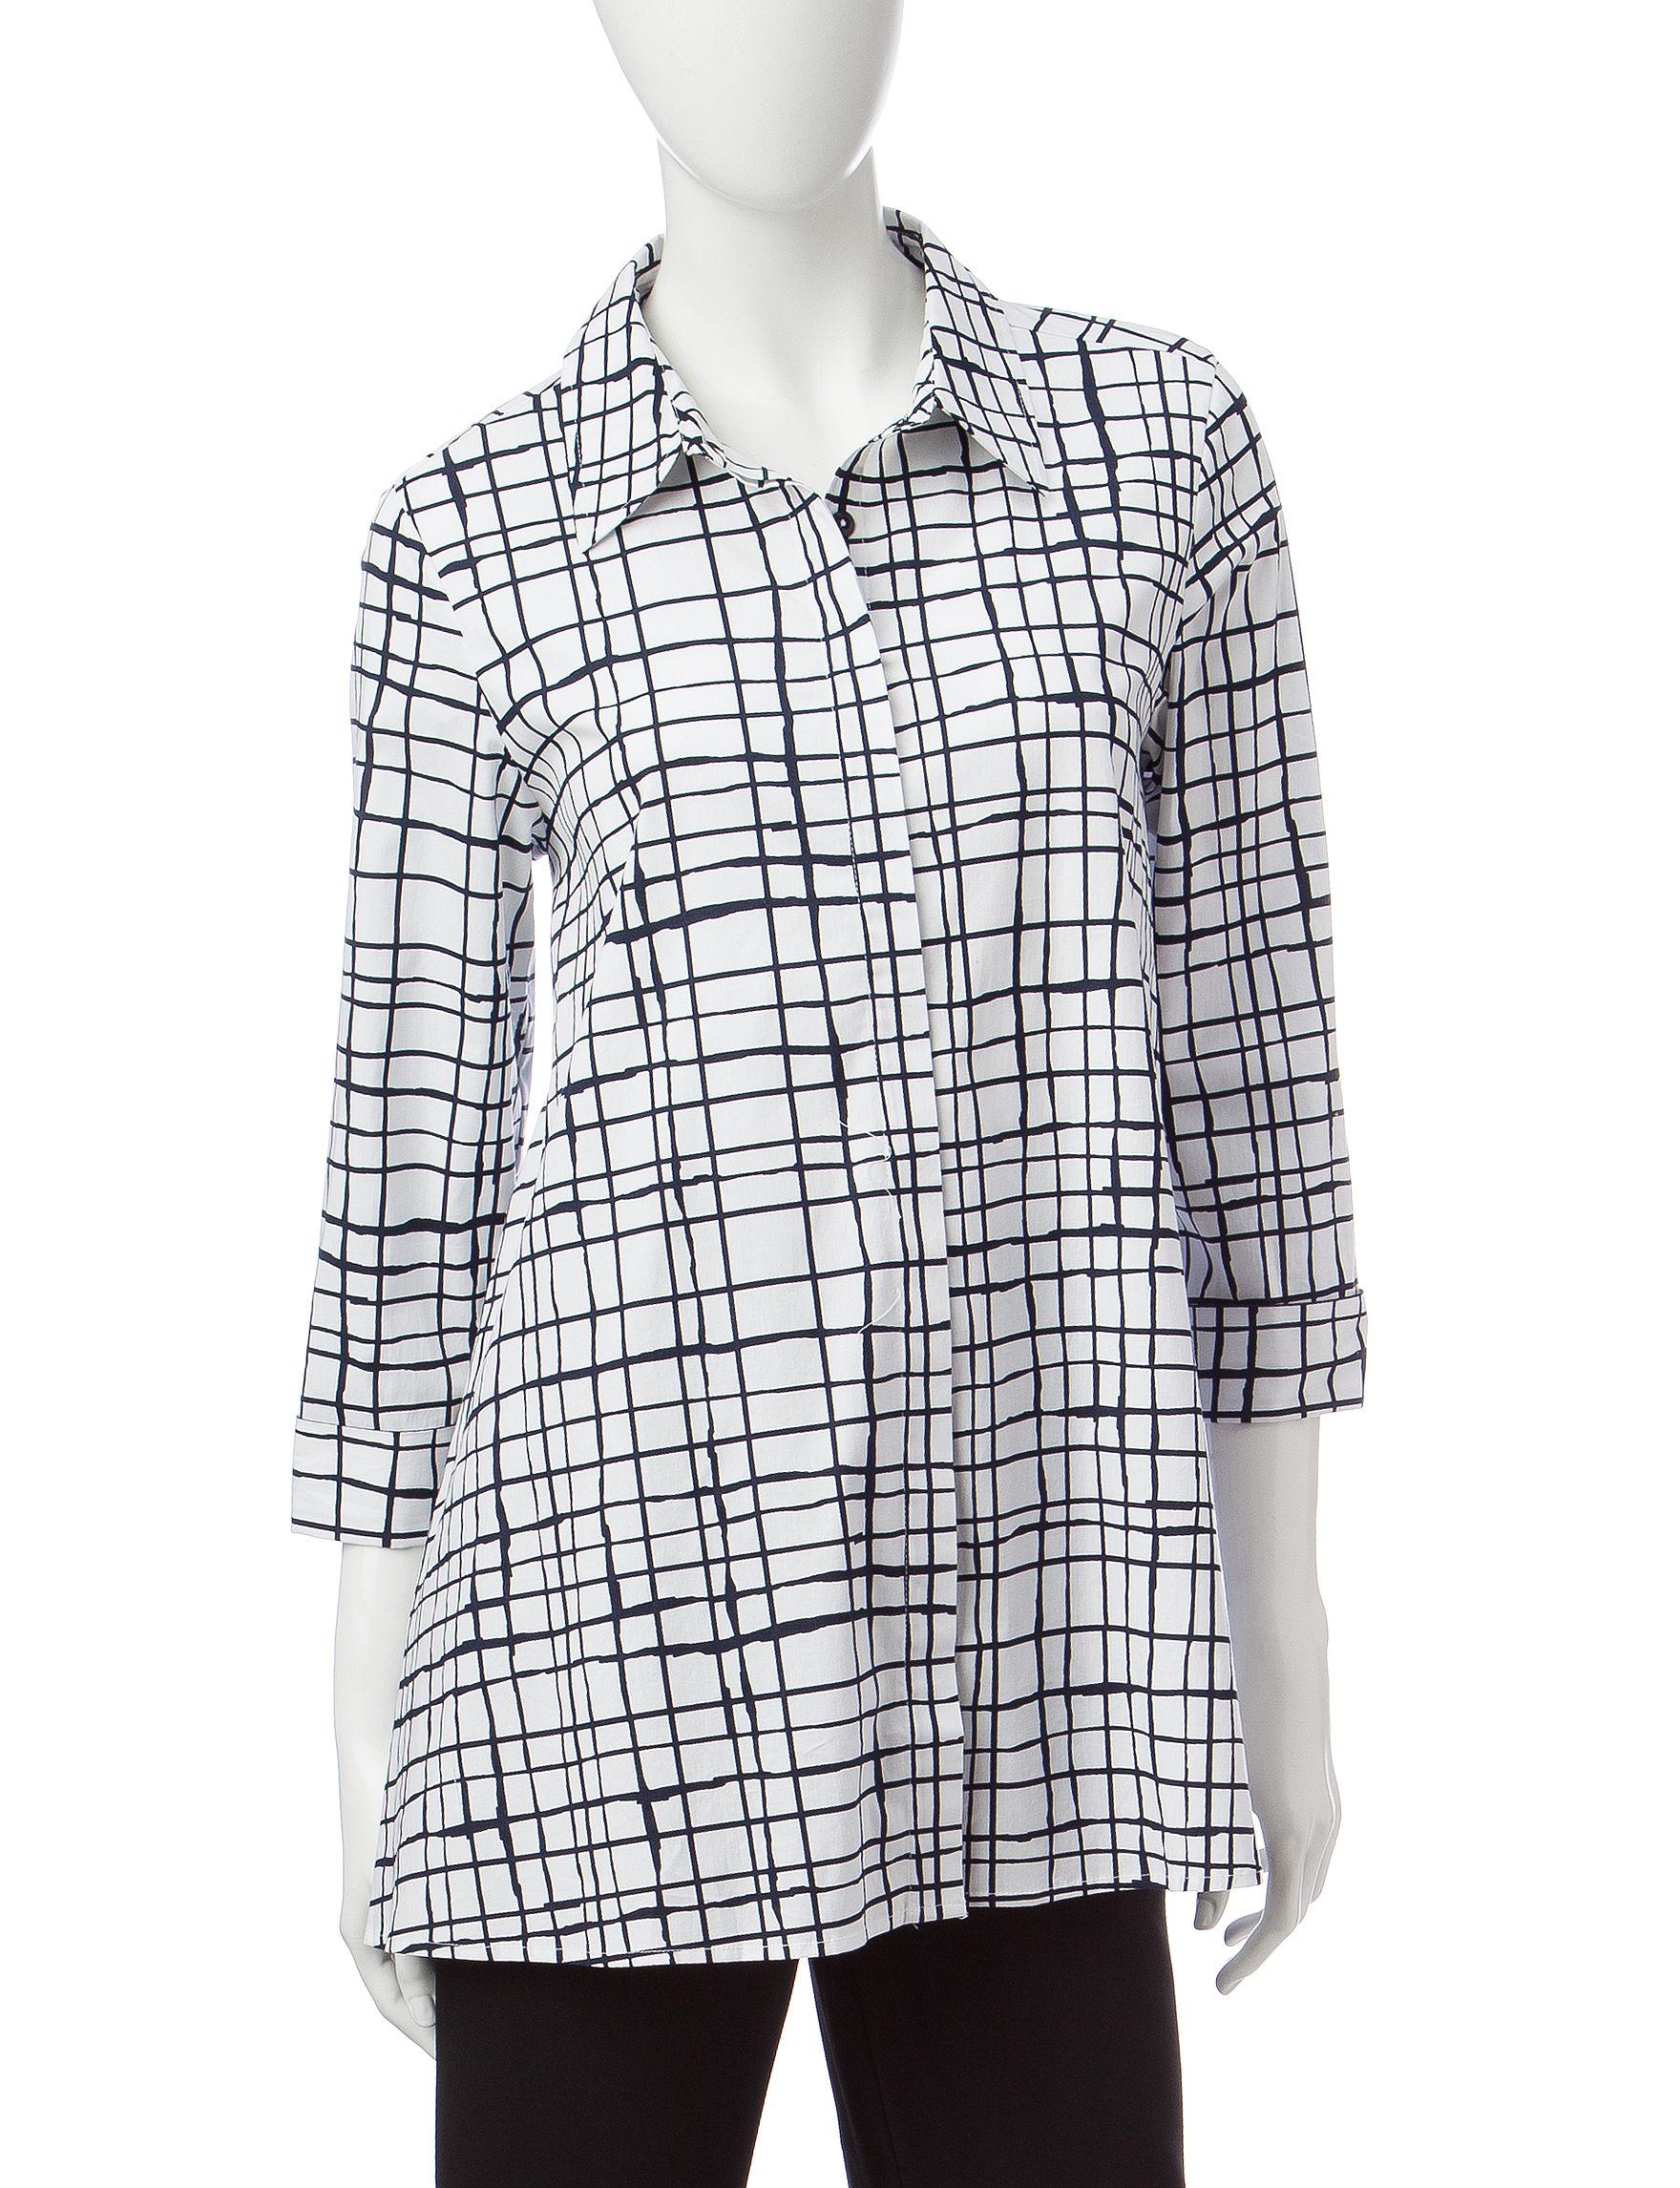 Valerie Stevens White / Navy Shirts & Blouses